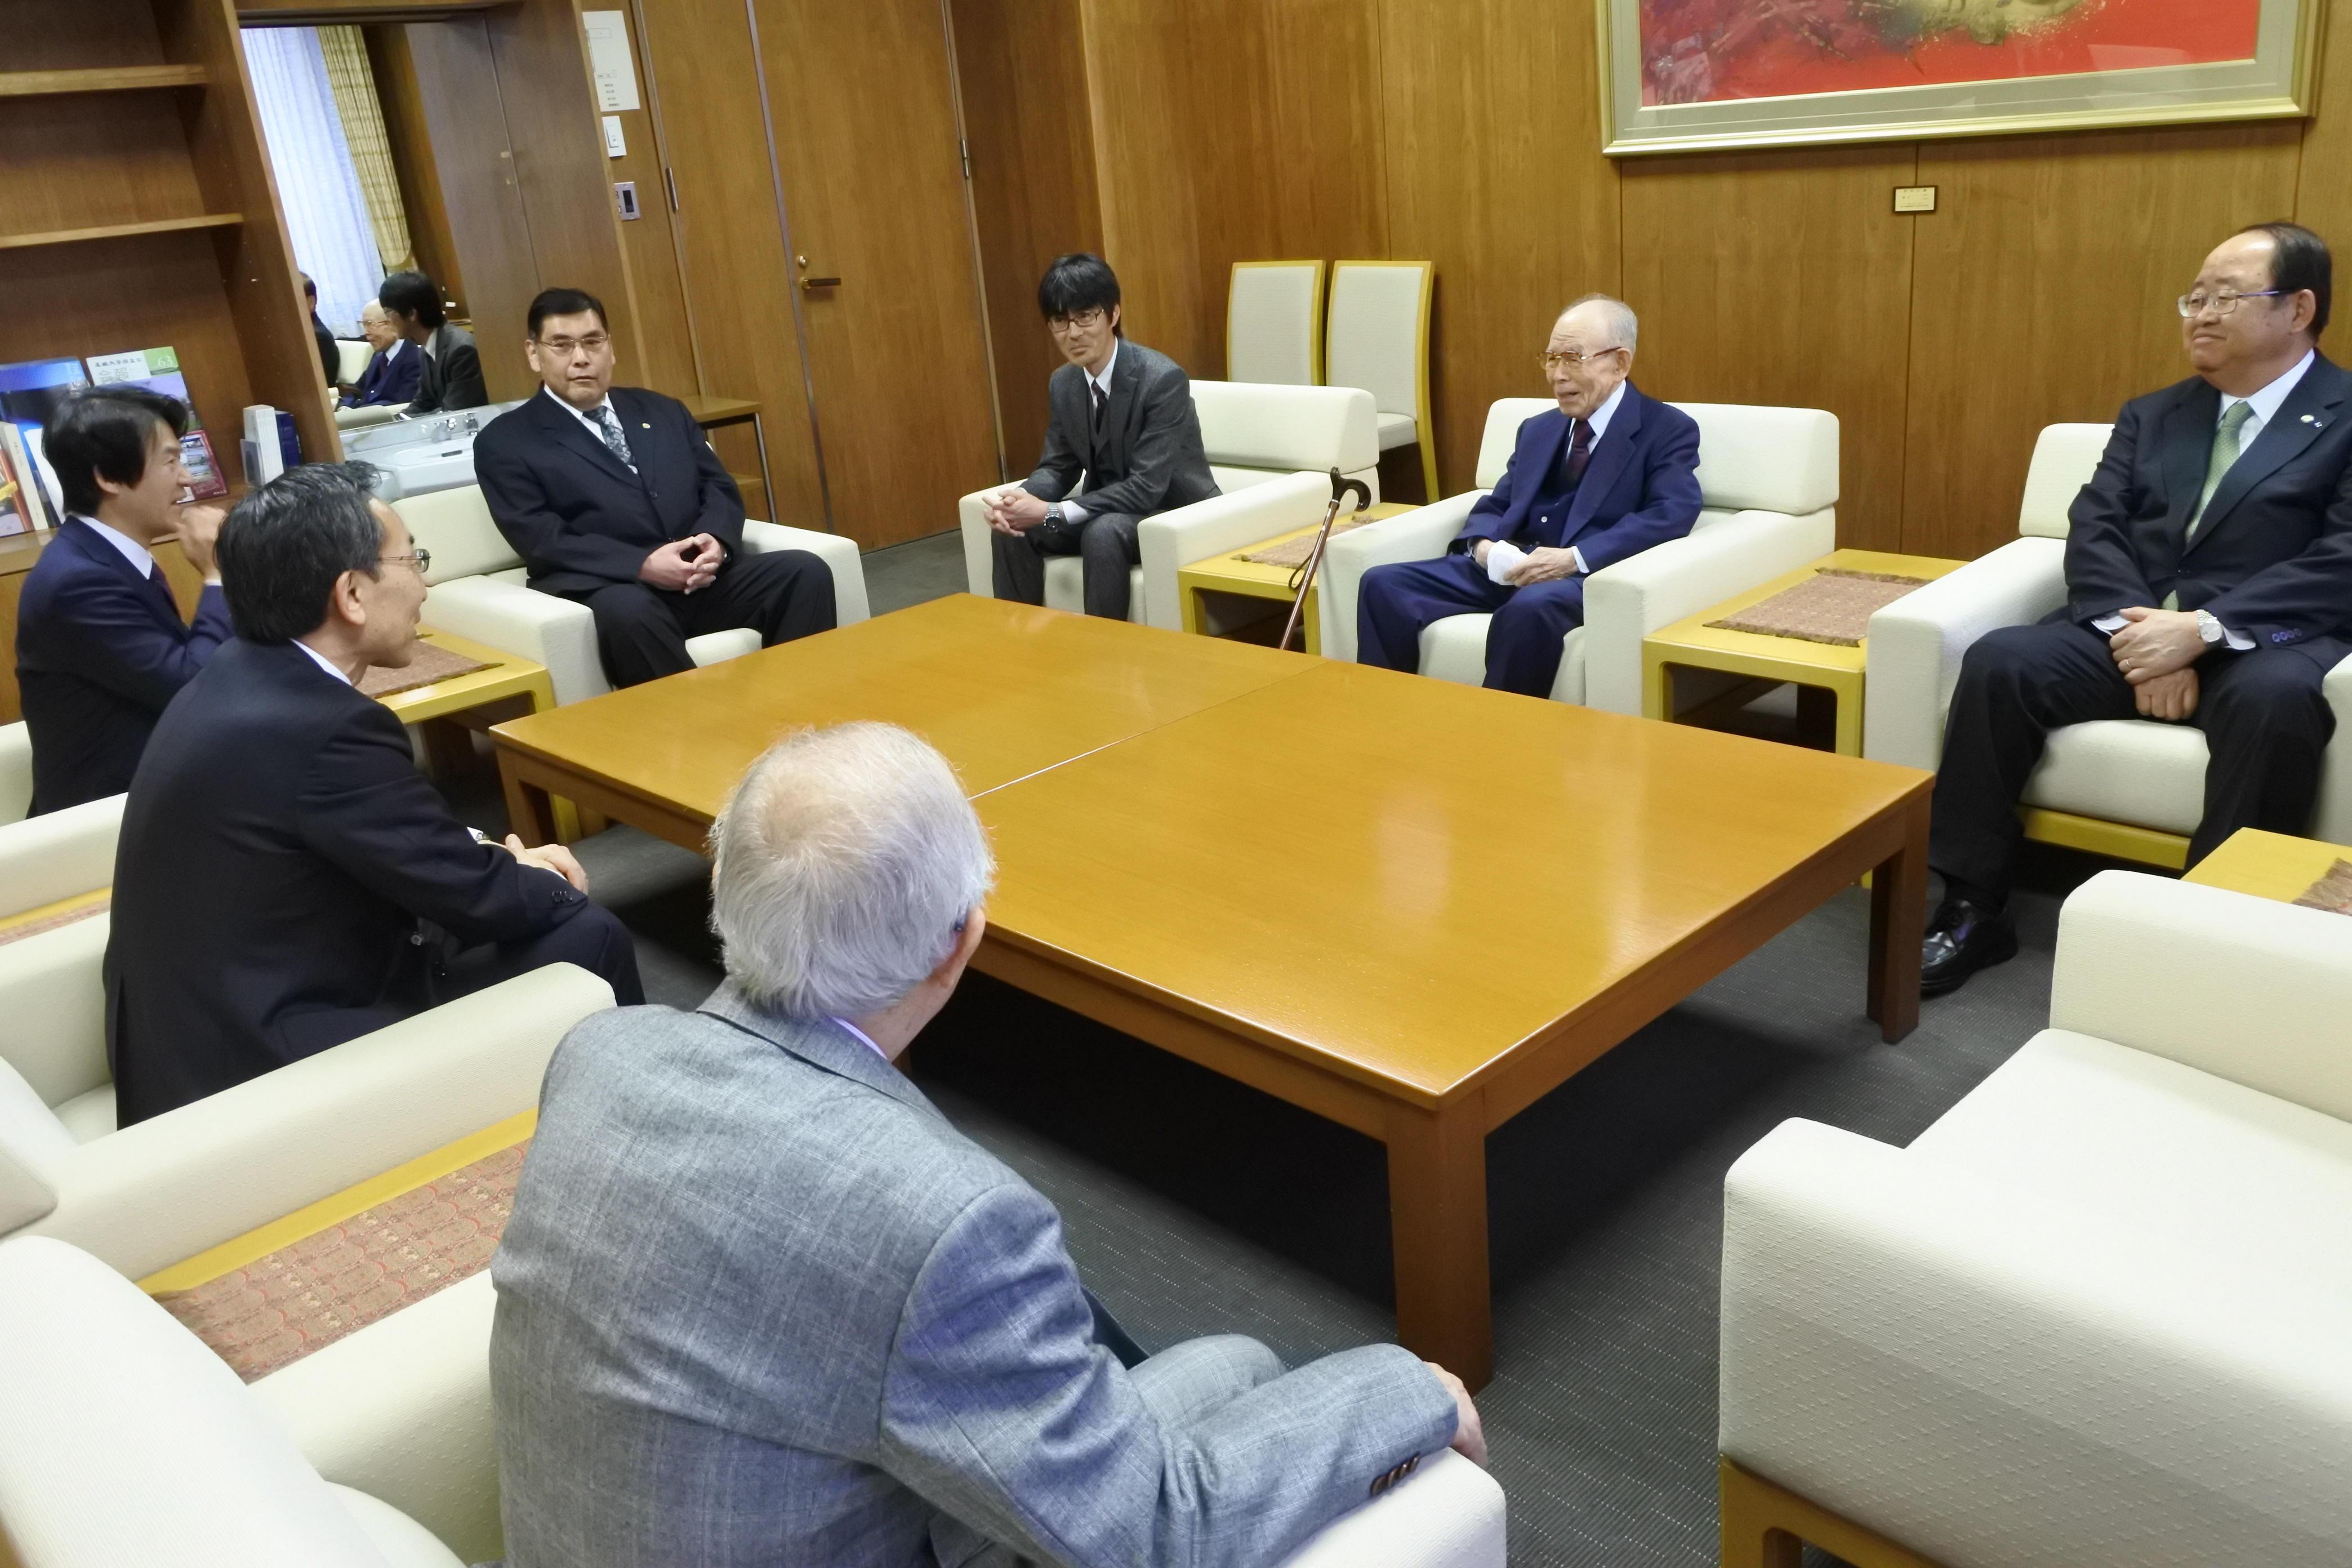 大野総長らと懇談する赤﨑終身教授(右から2人目)